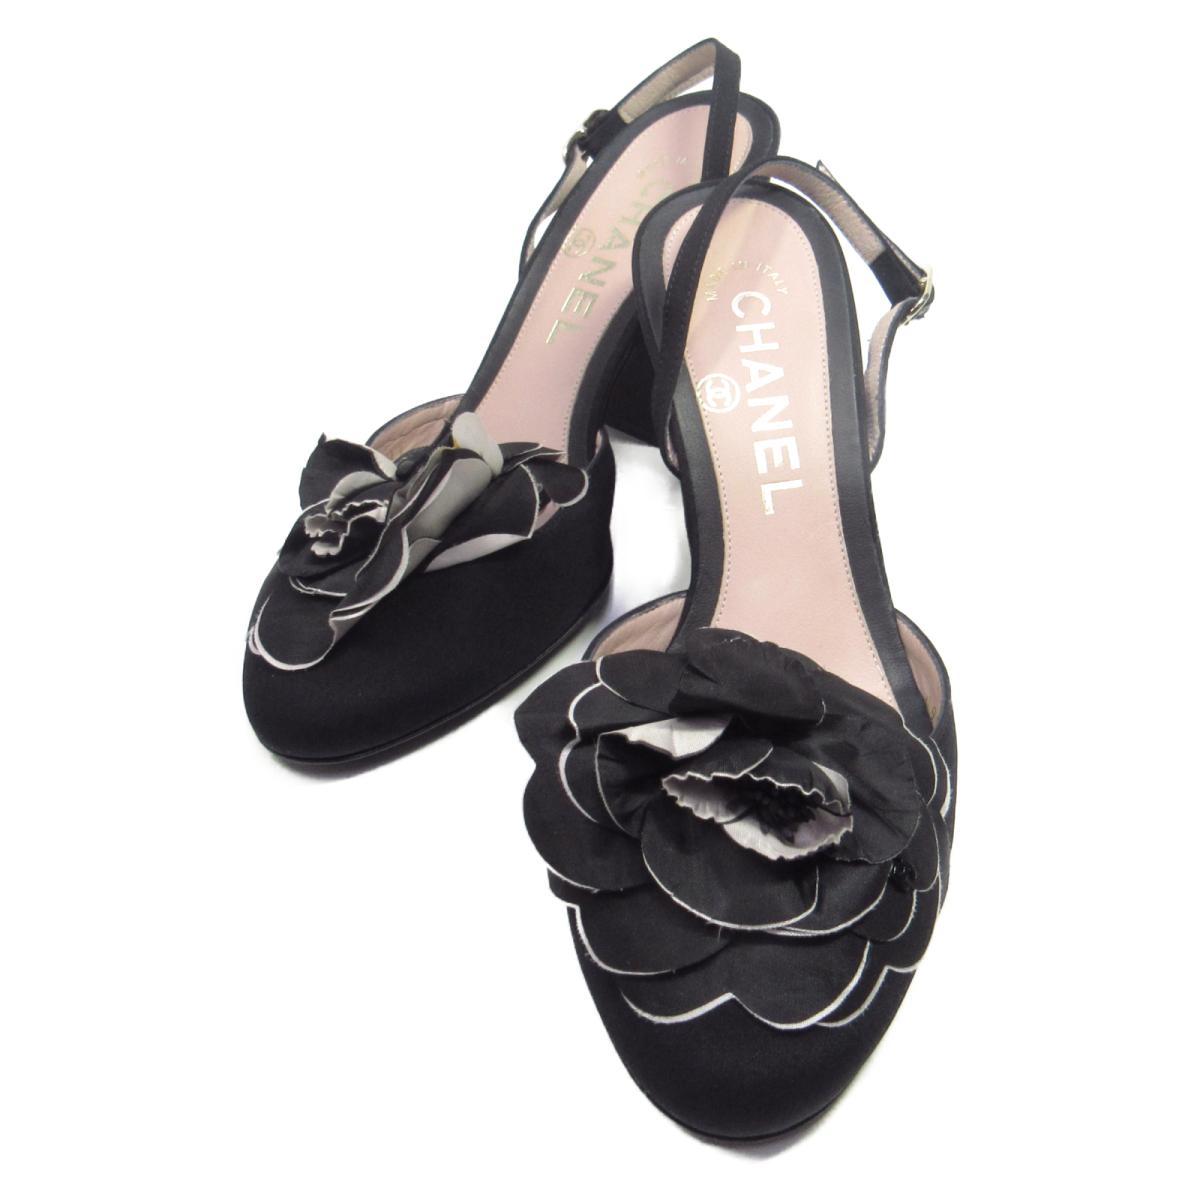 【中古】 シャネル サンダル レディース サテン | CHANEL くつ 靴 サンダル 美品 ブランドオフ